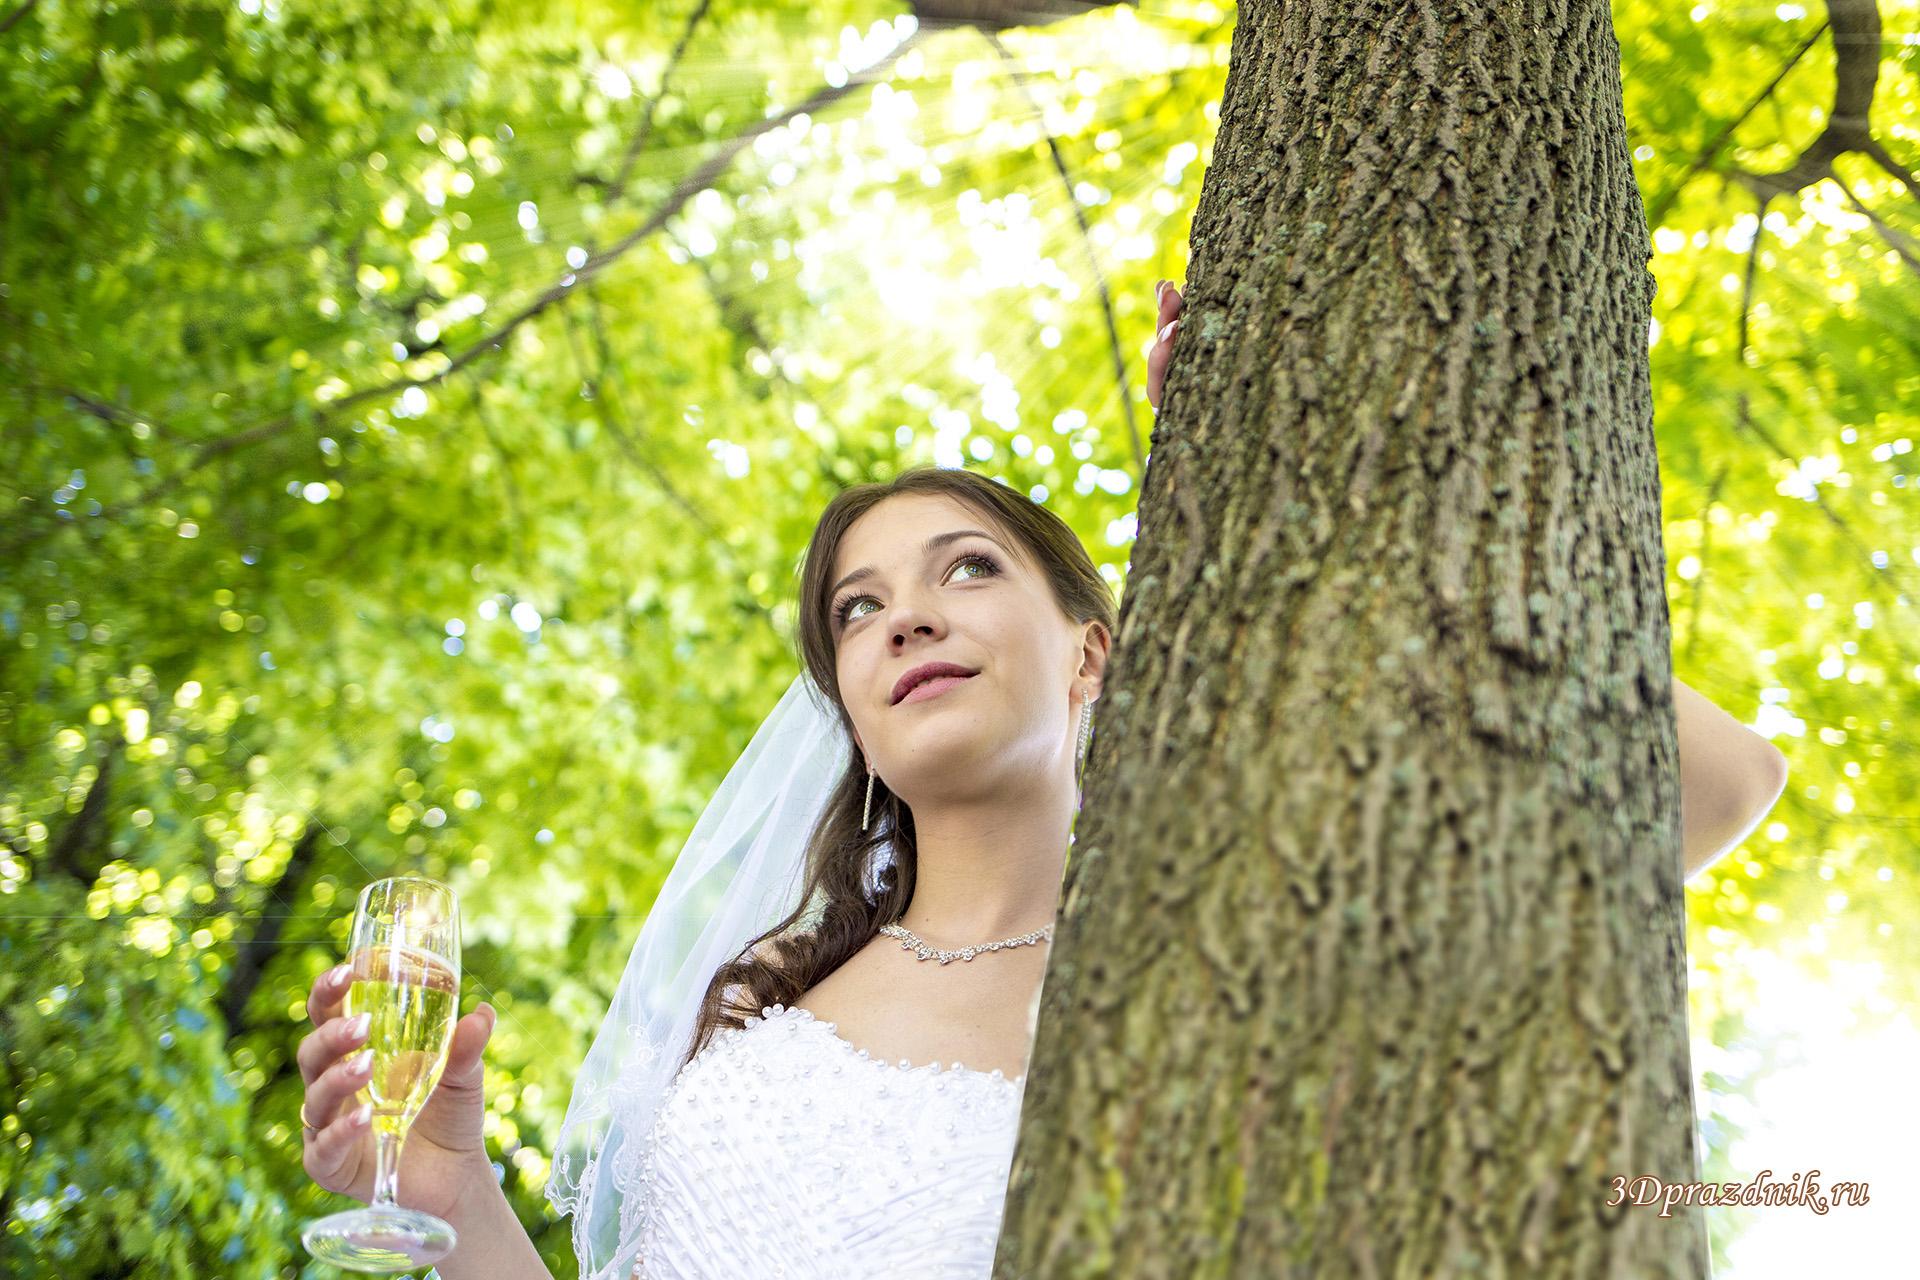 Невеста Ольга. Солнечные лучи.